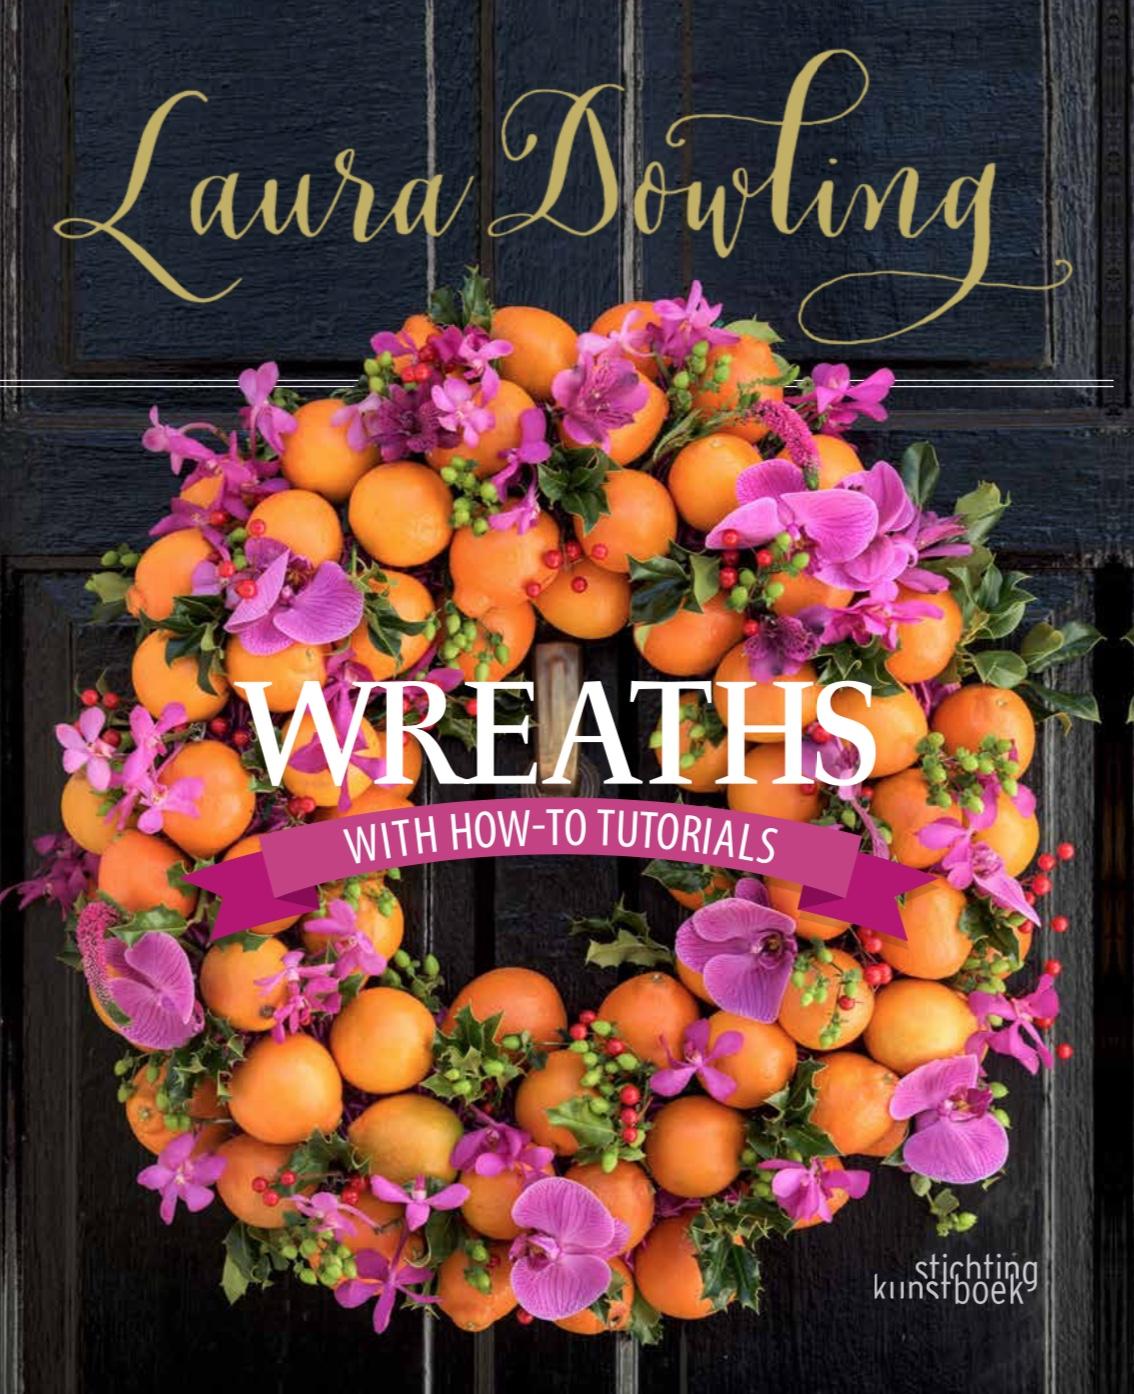 laura dowling wreaths book